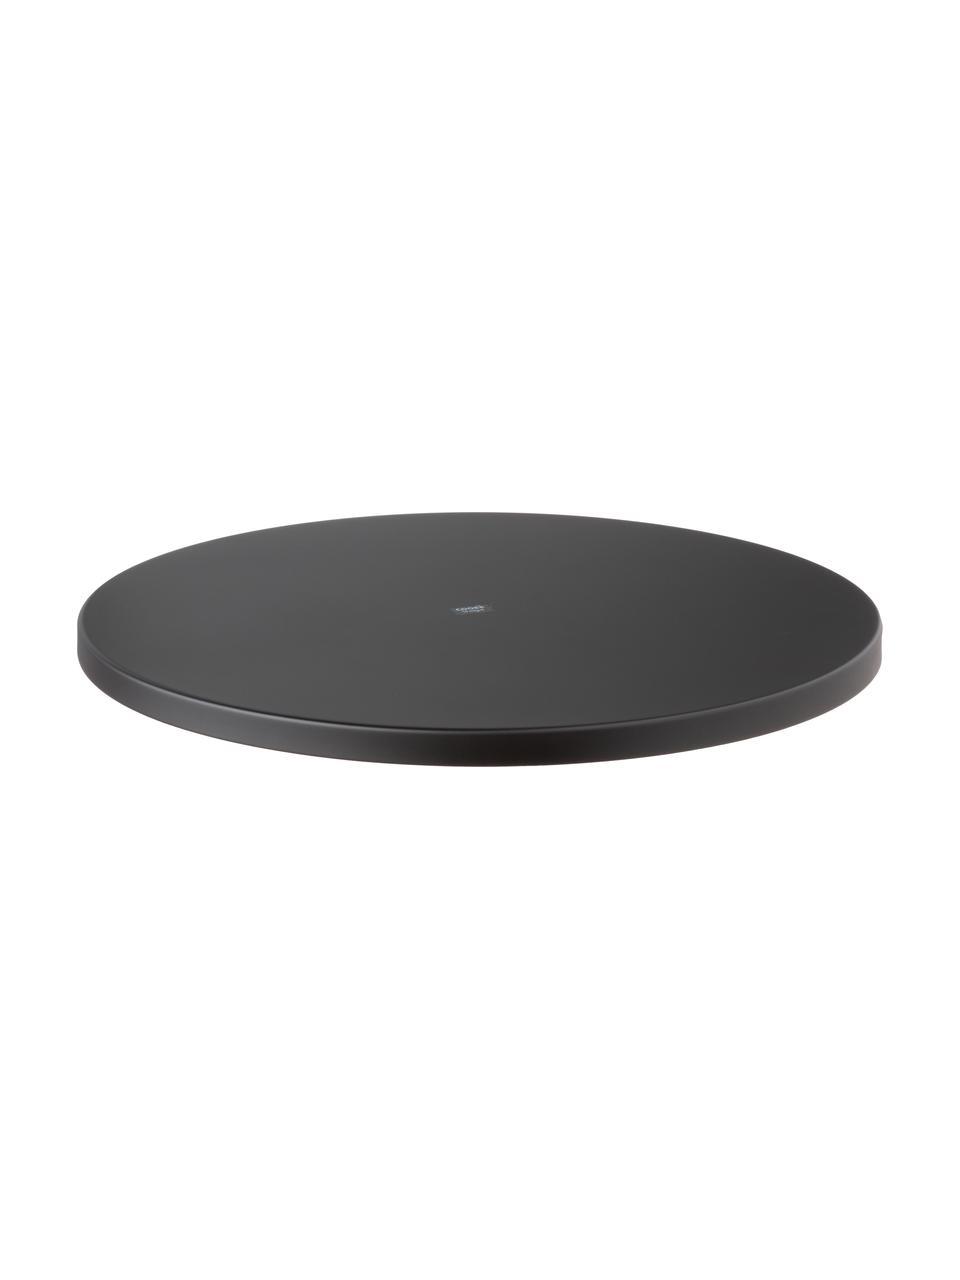 Plateau décoratif rond noir Circle, Noir, mat